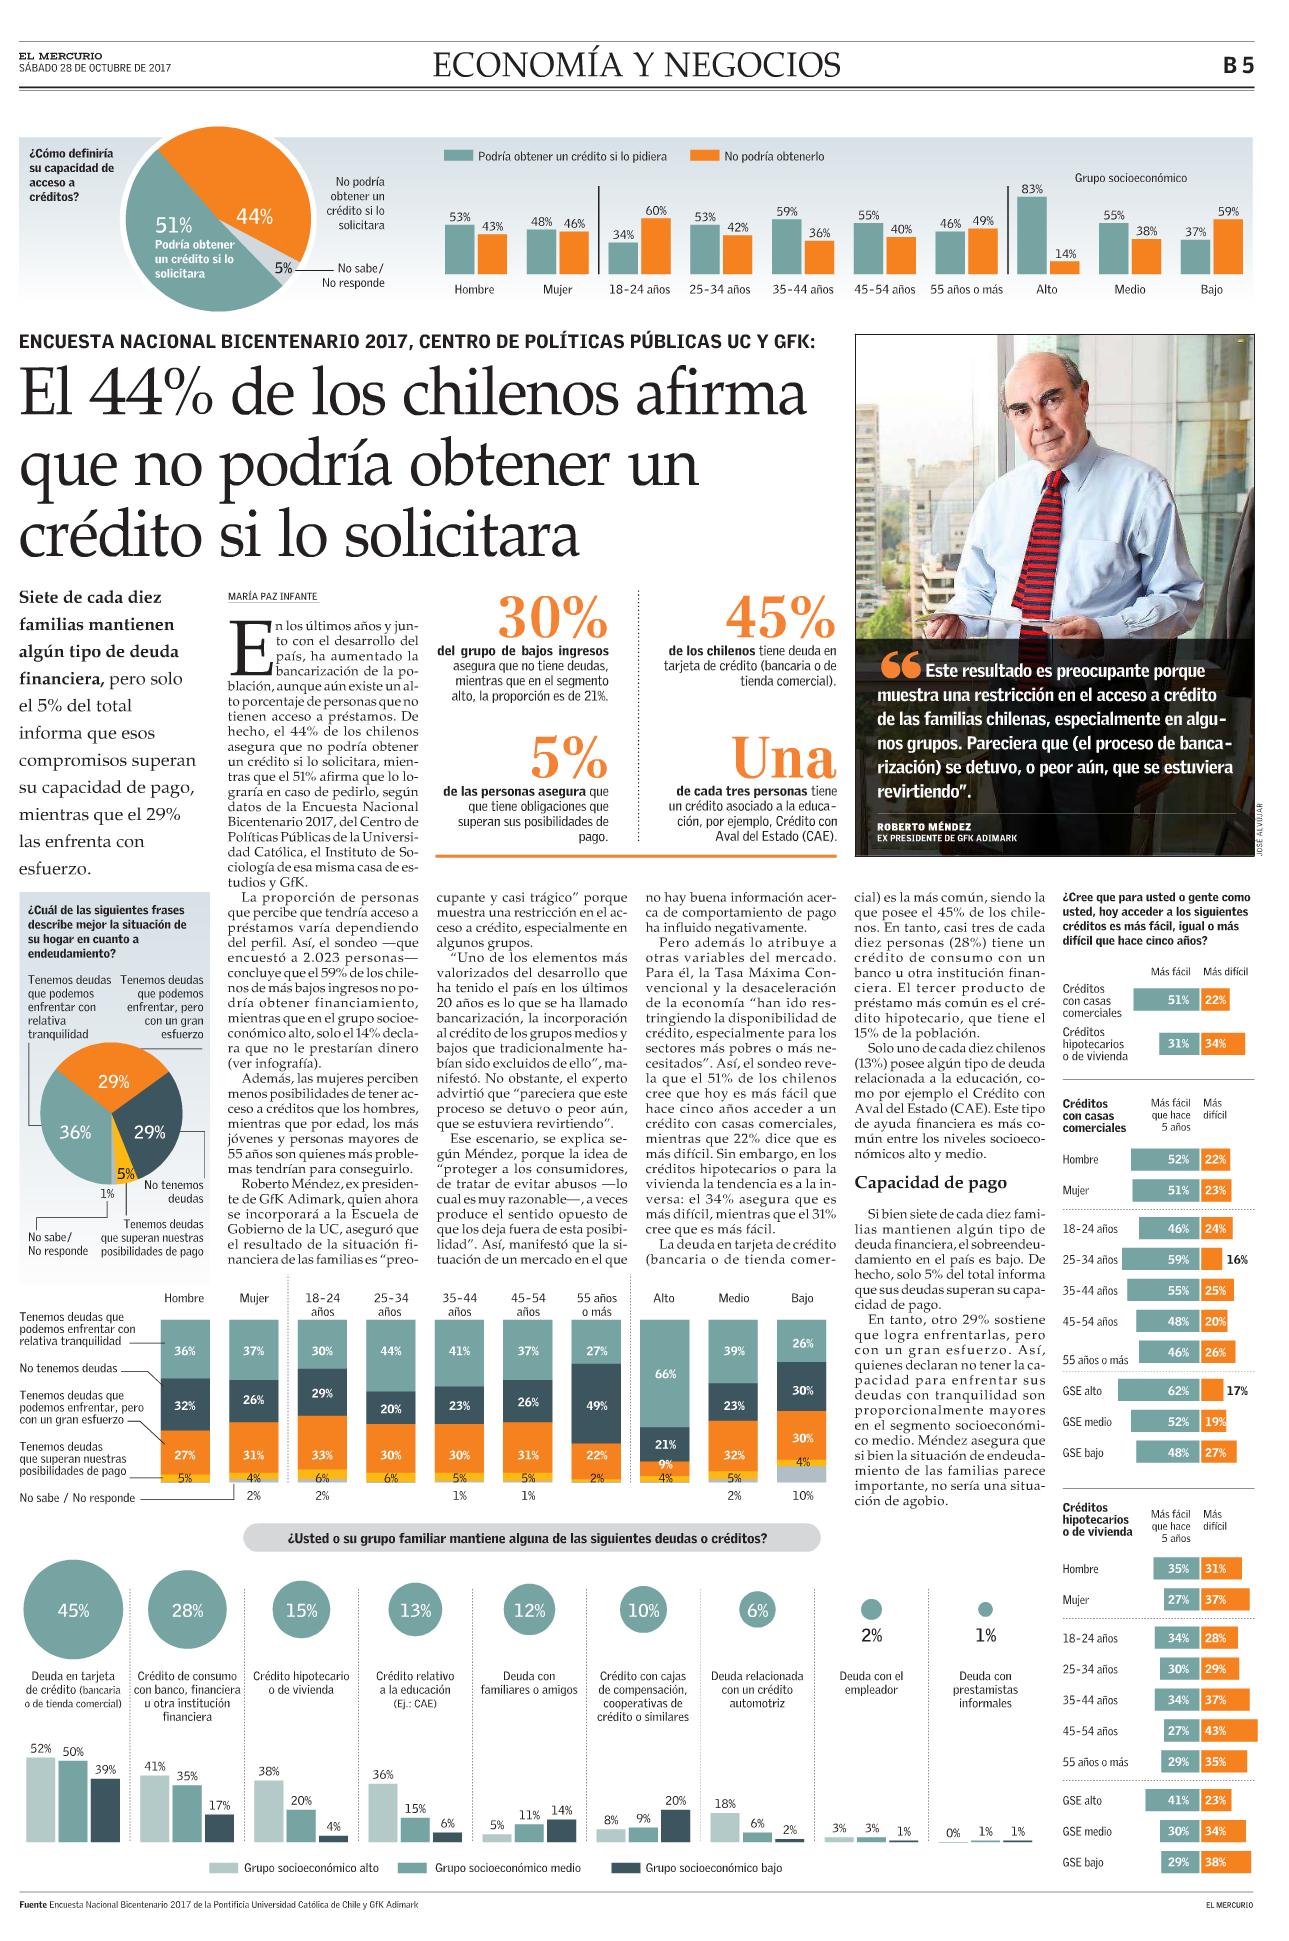 44% de los chilenos afirma que no podría obtener un crédito si lo solicita